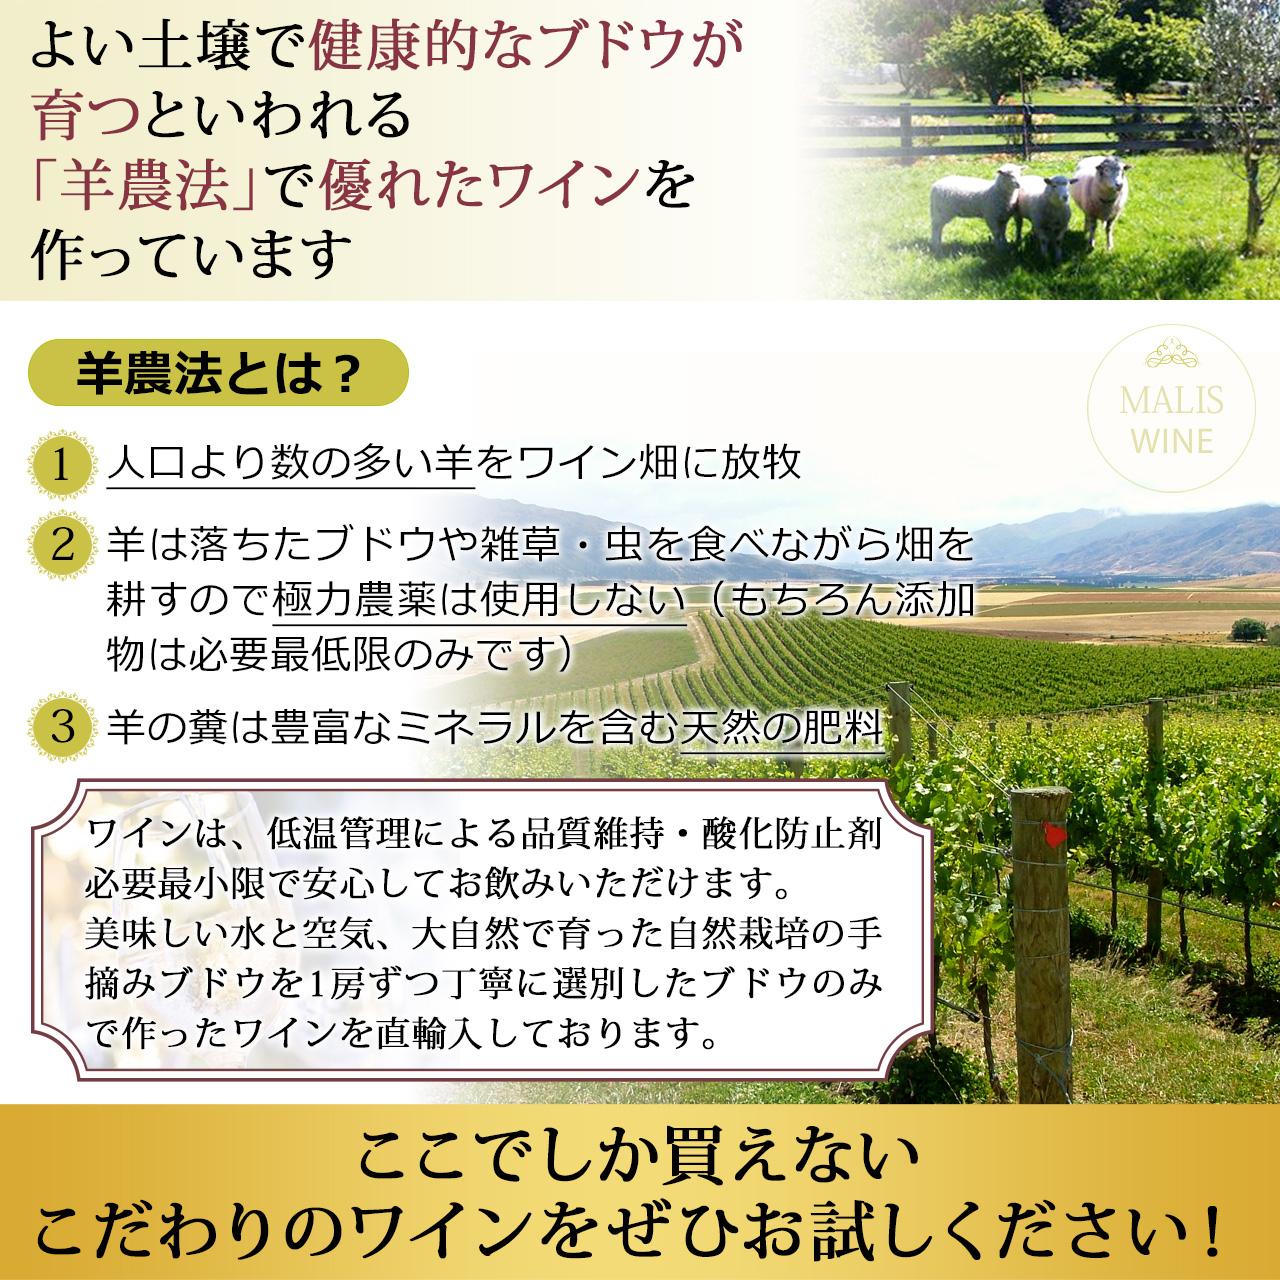 よい土壌で健康的なブドウが育つといわれる「羊農法」で優れたワインを作っています